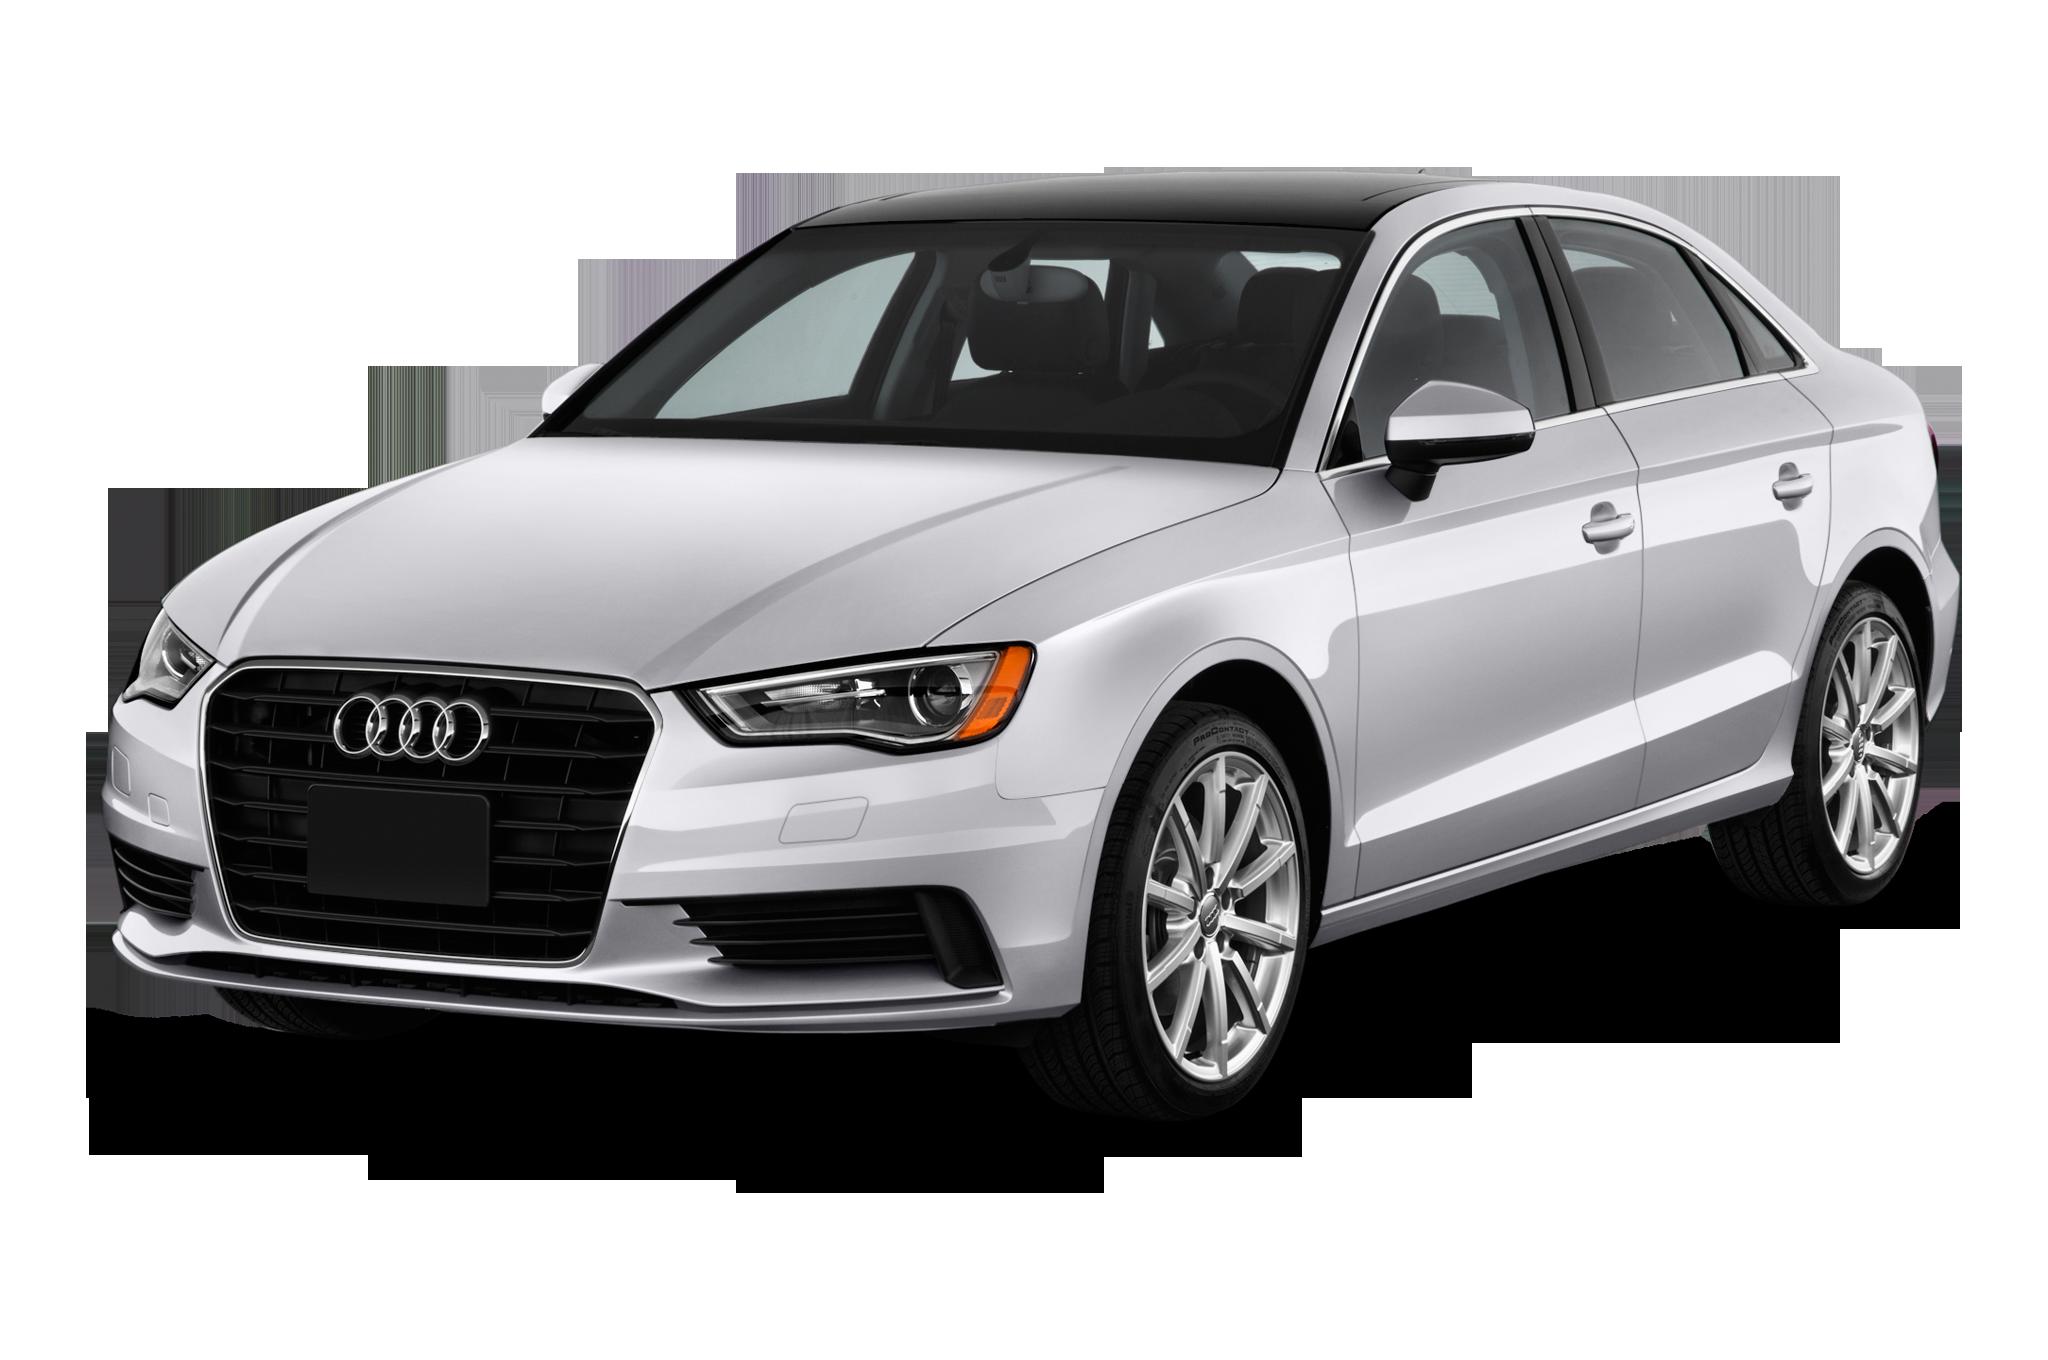 2016 Audi A3 Sportback E Tron Review